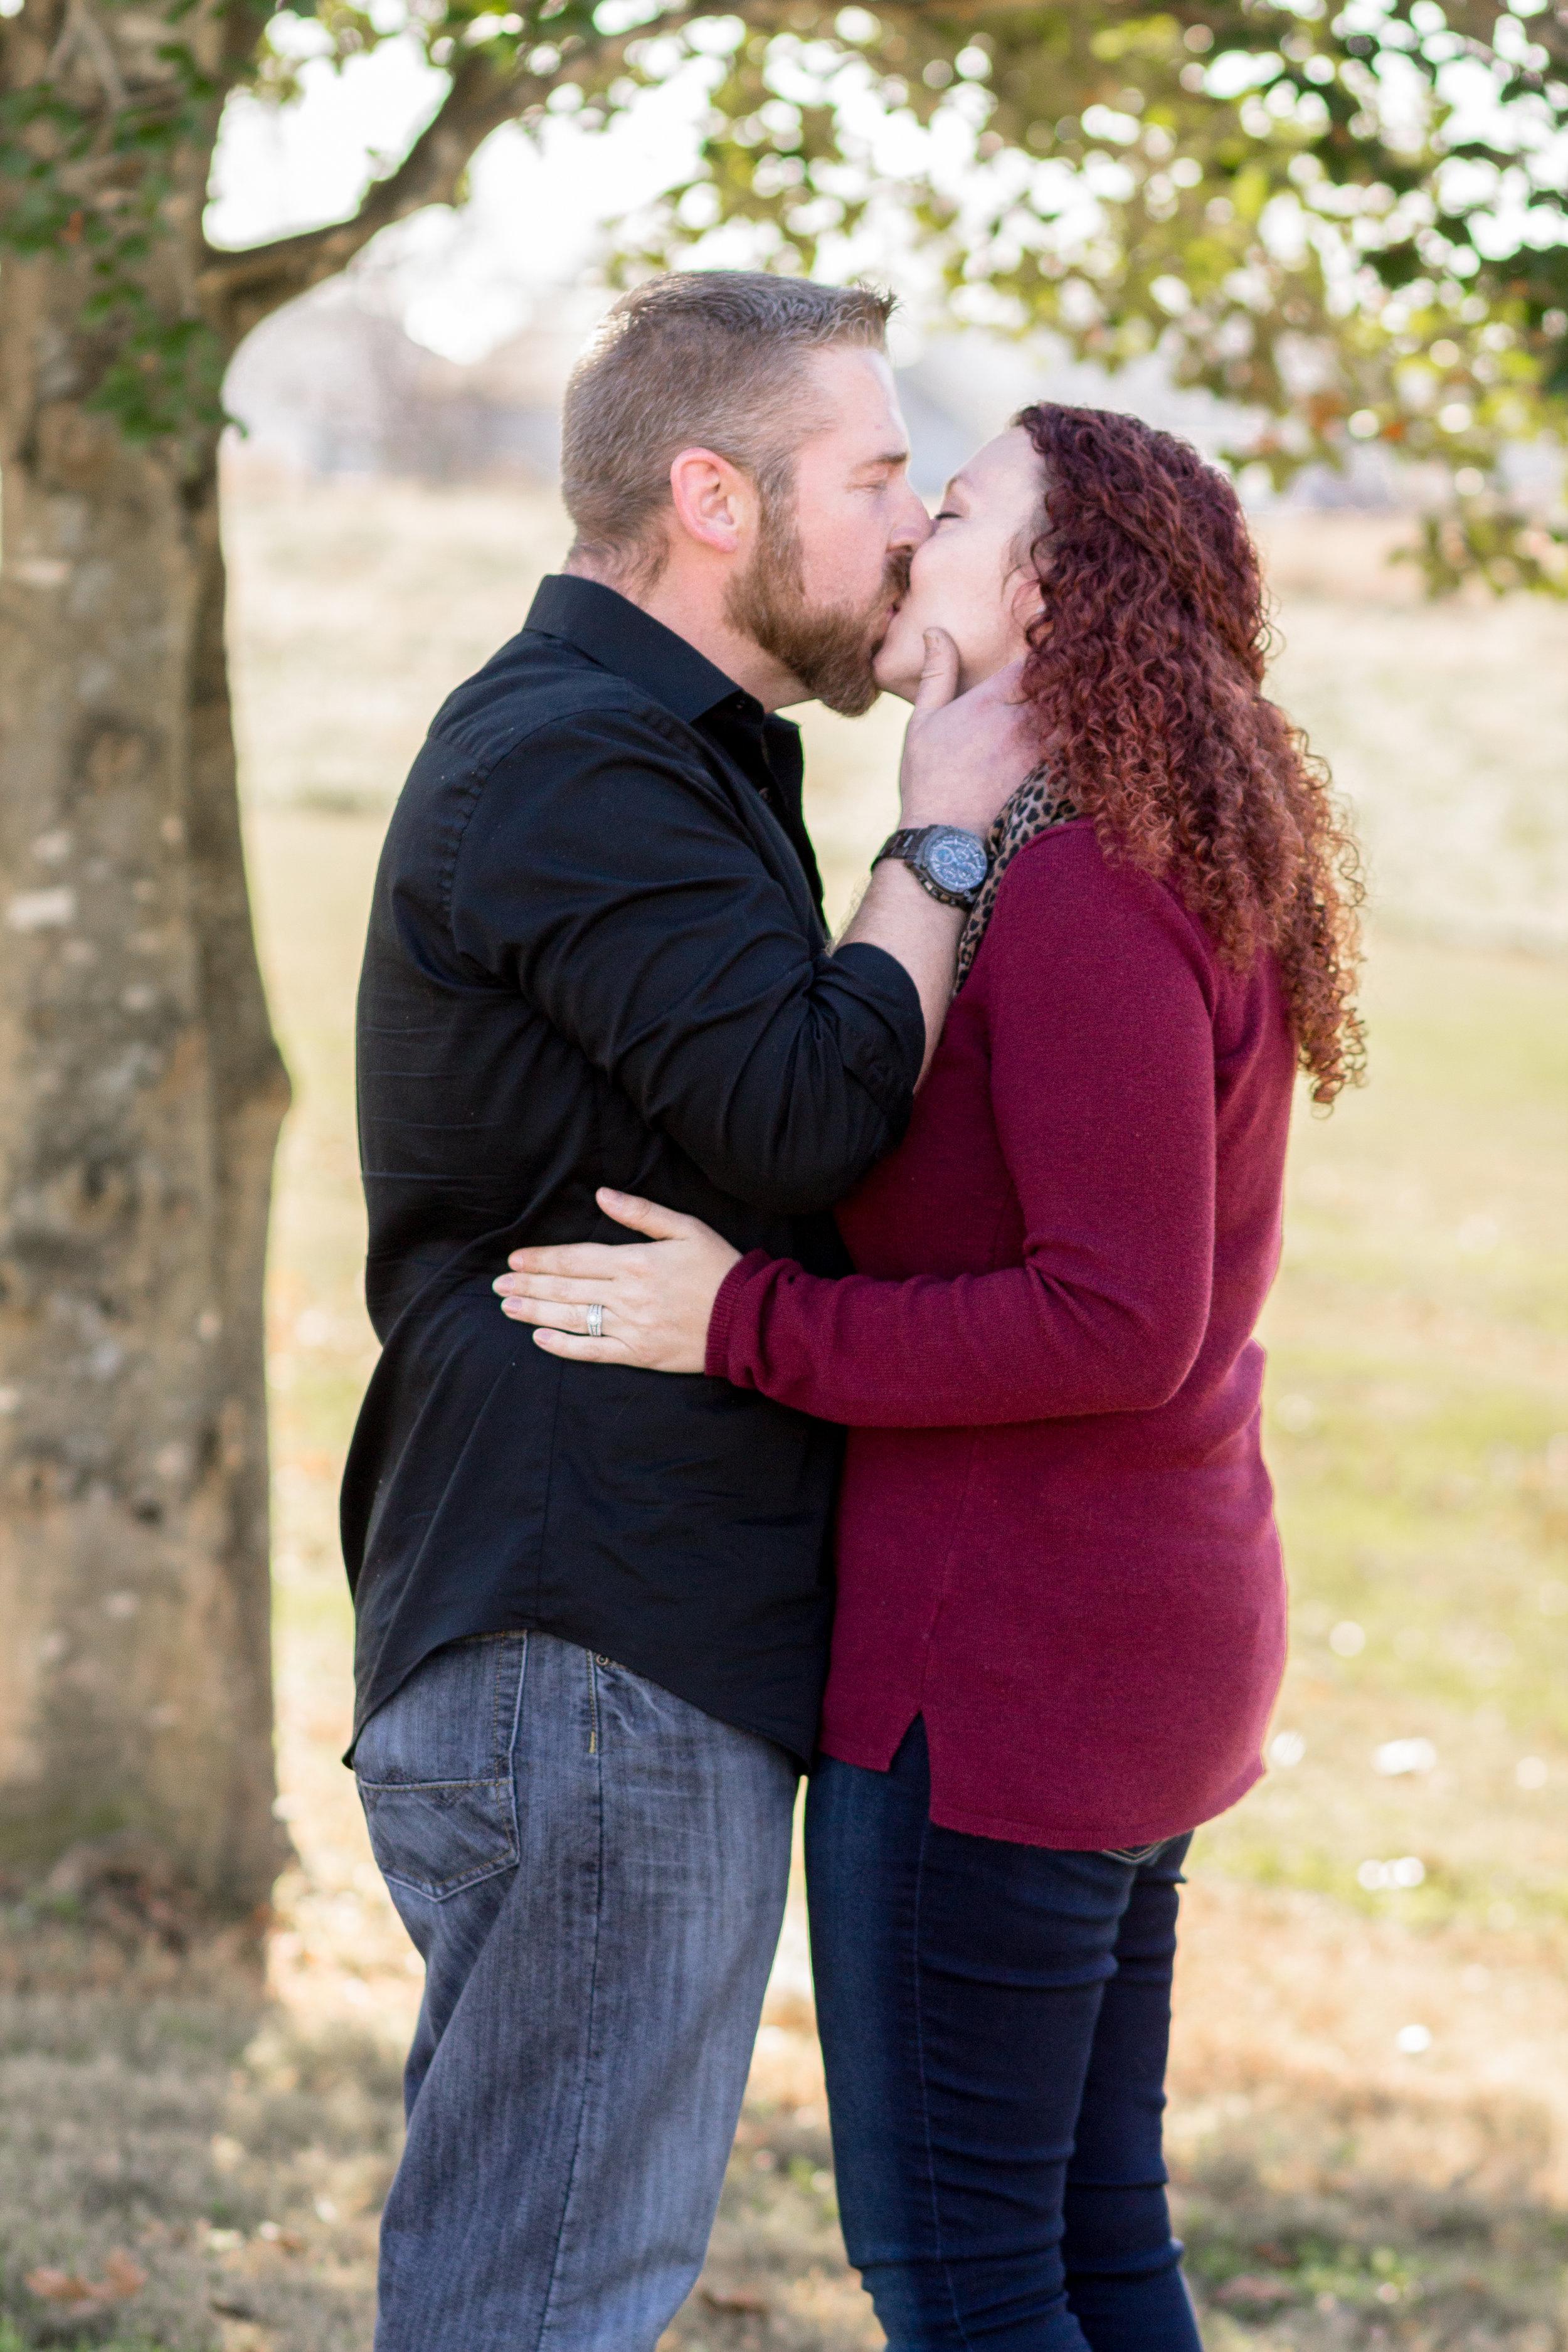 philadelphia-lifestyle-photography-couple-session-lytle-photo-company (11).jpg